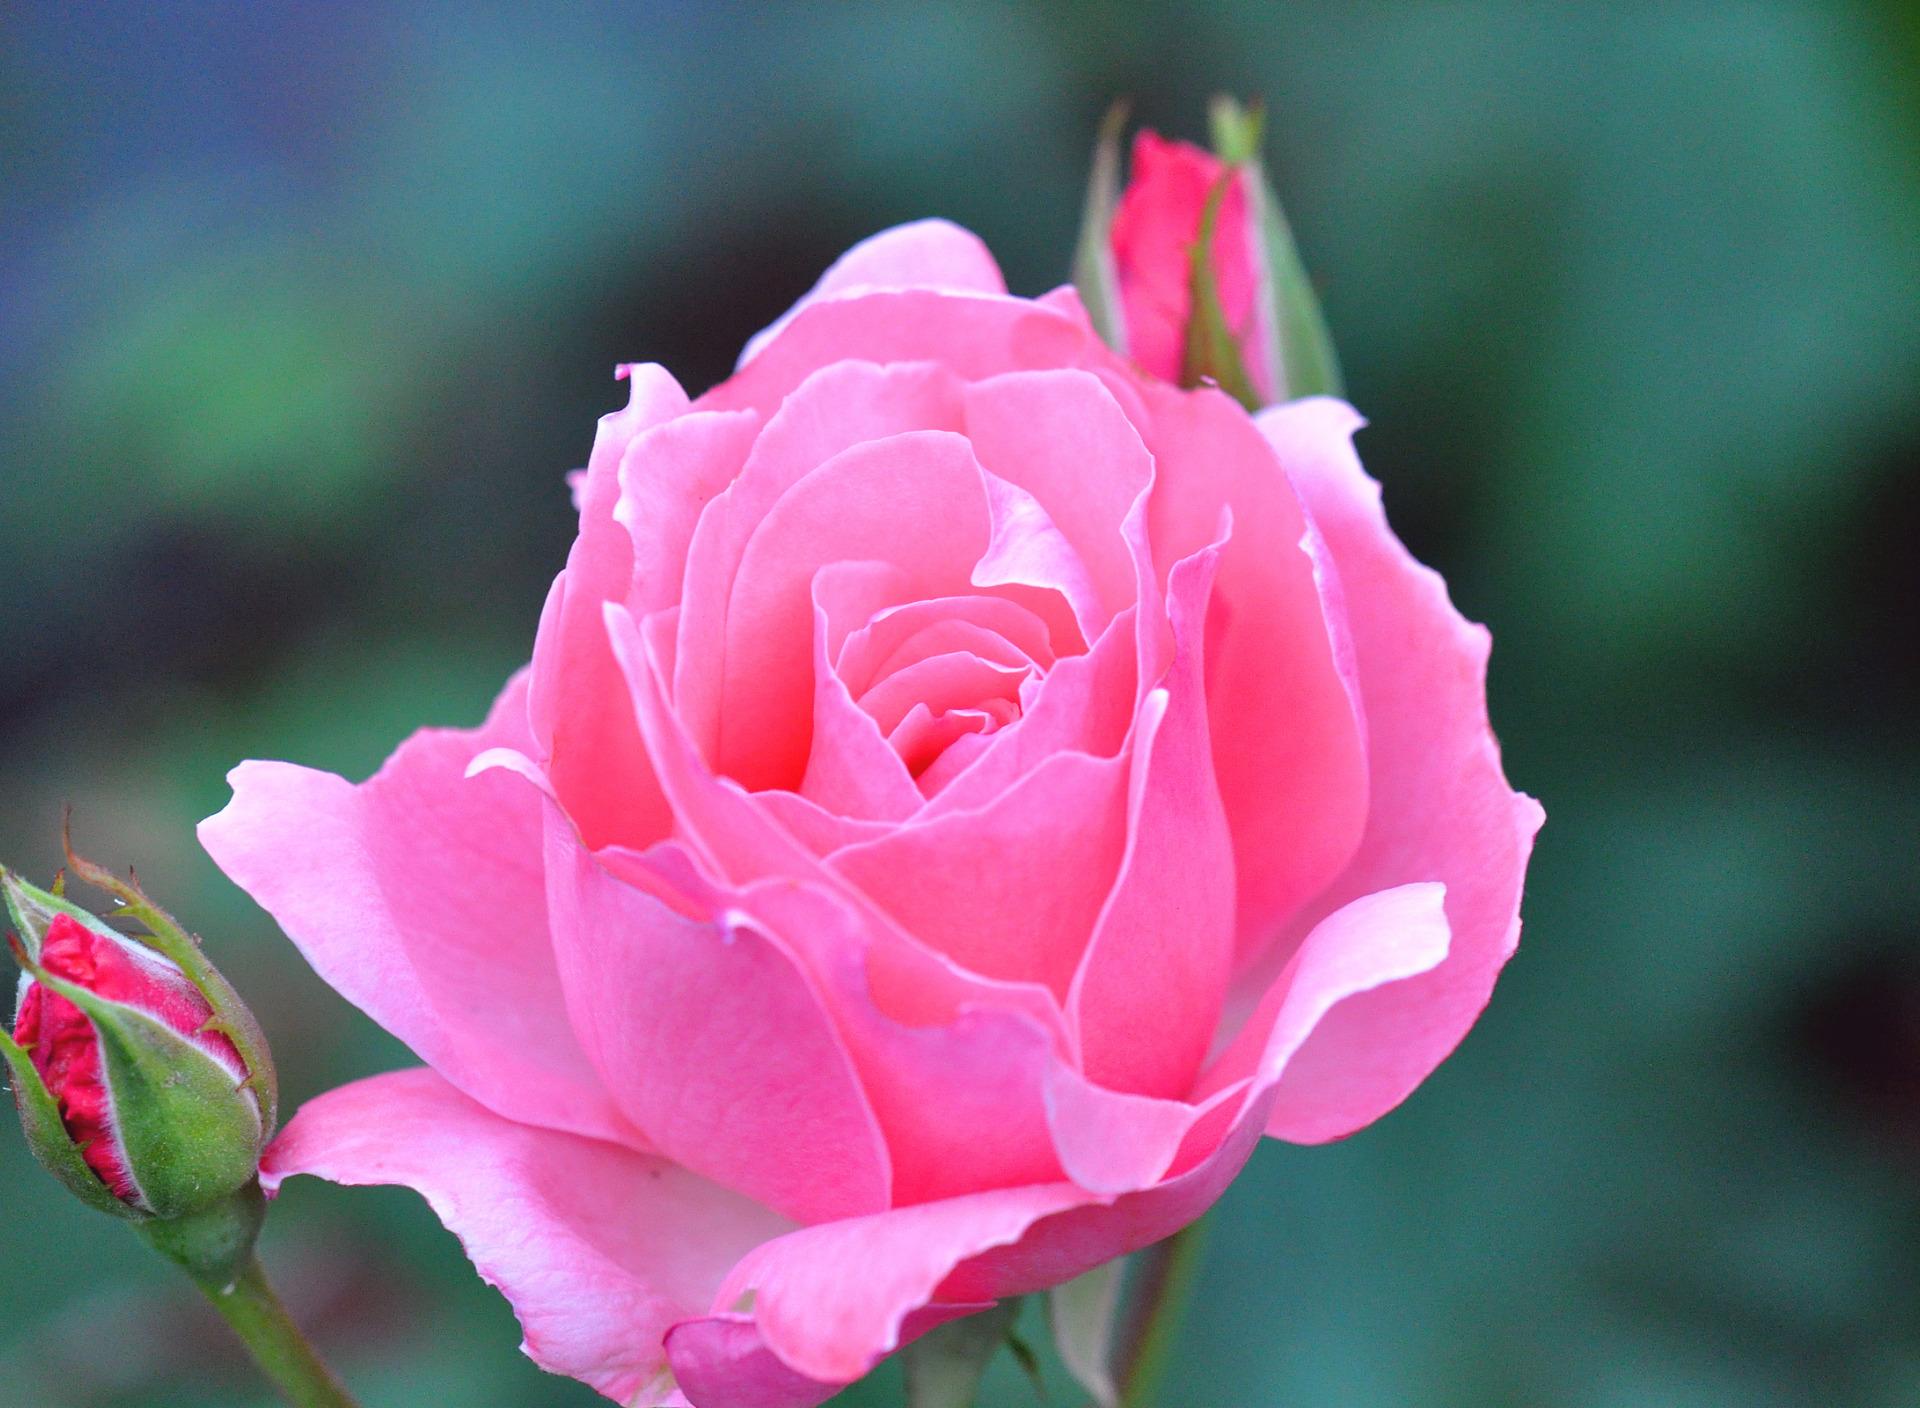 алюминия картинки роз в высоком разрешении покрашенные потолки выглядят